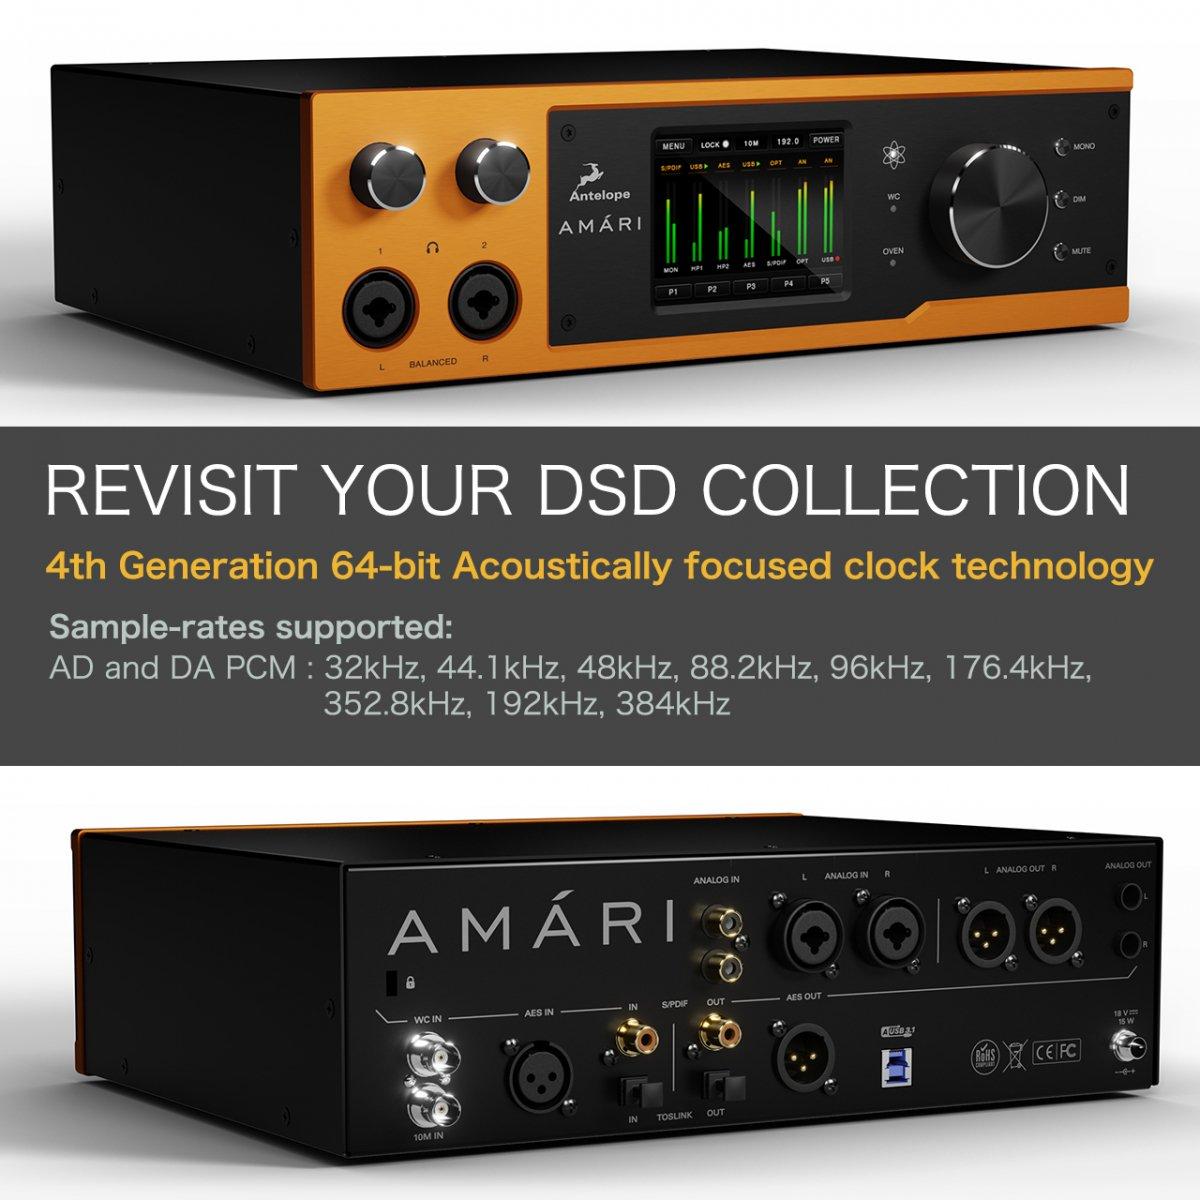 【ハンドメイドケーブルペア プレゼント!】Antelope Audio AMARI 高性能DAC ヘッドフォン アンプ アンテロープ オーディオ